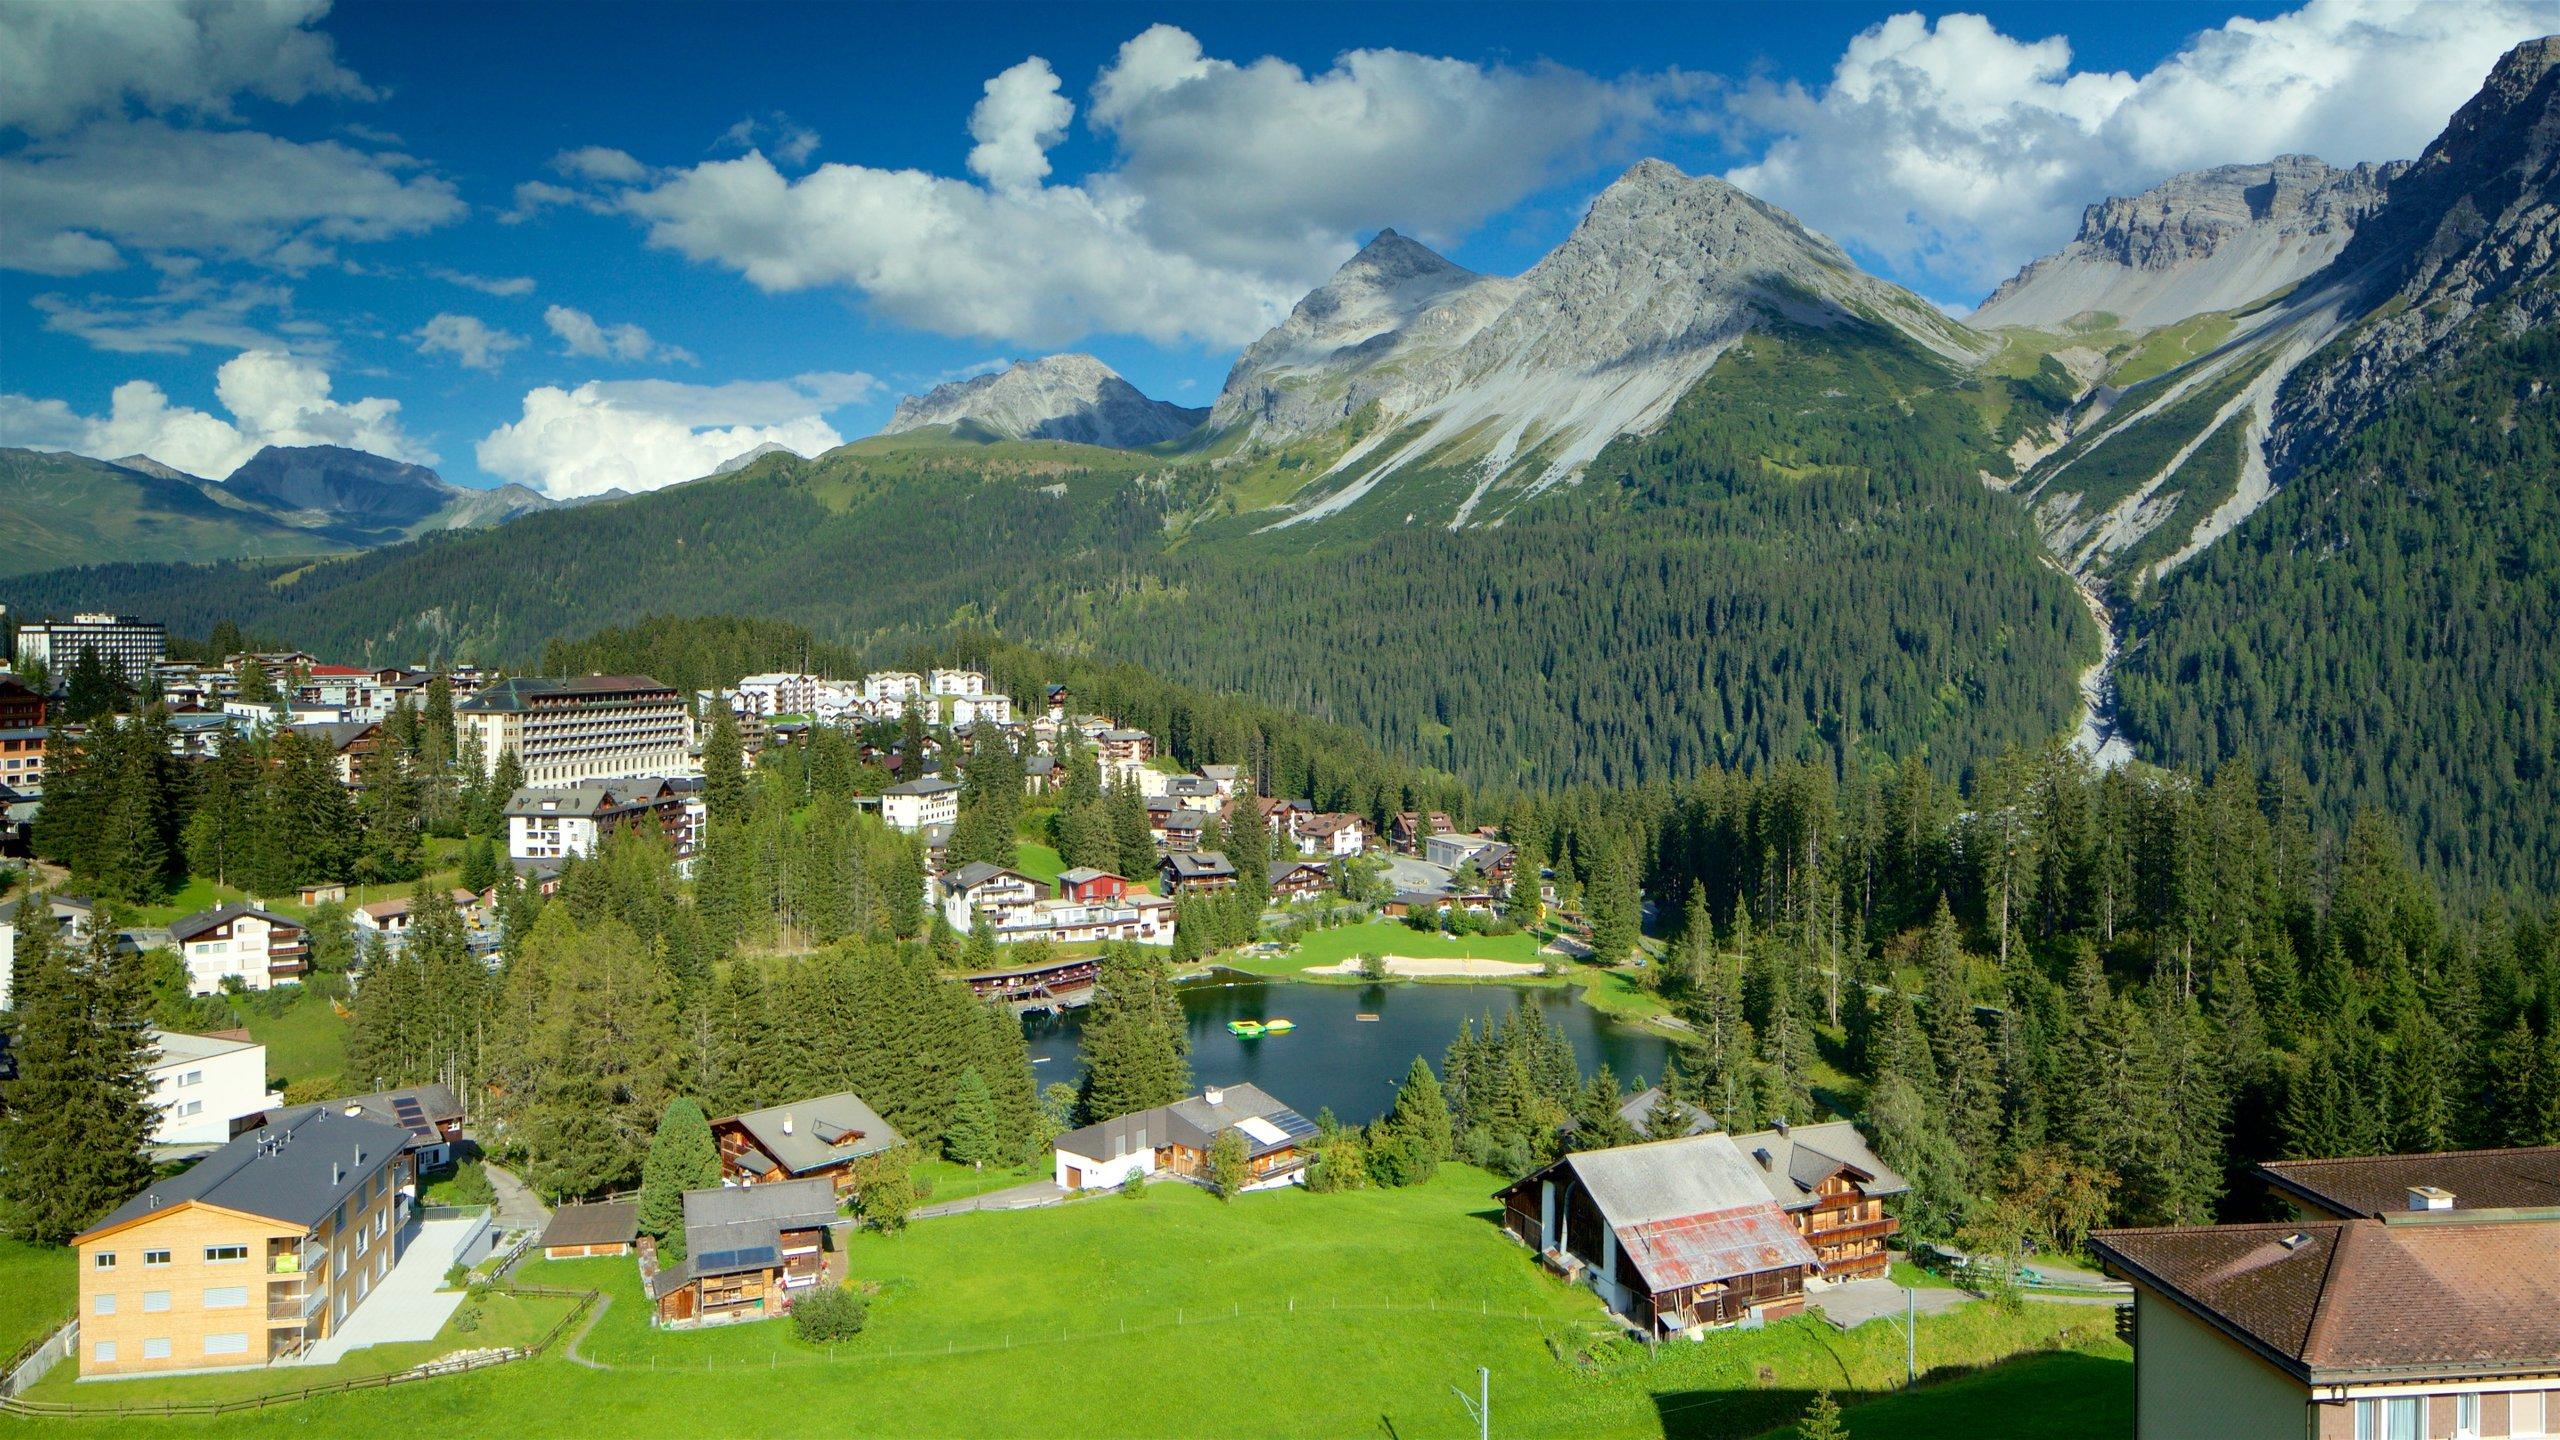 Skigebiet Arosa Lenzerheide, Vaz-Obervaz, Graubünden, Schweiz